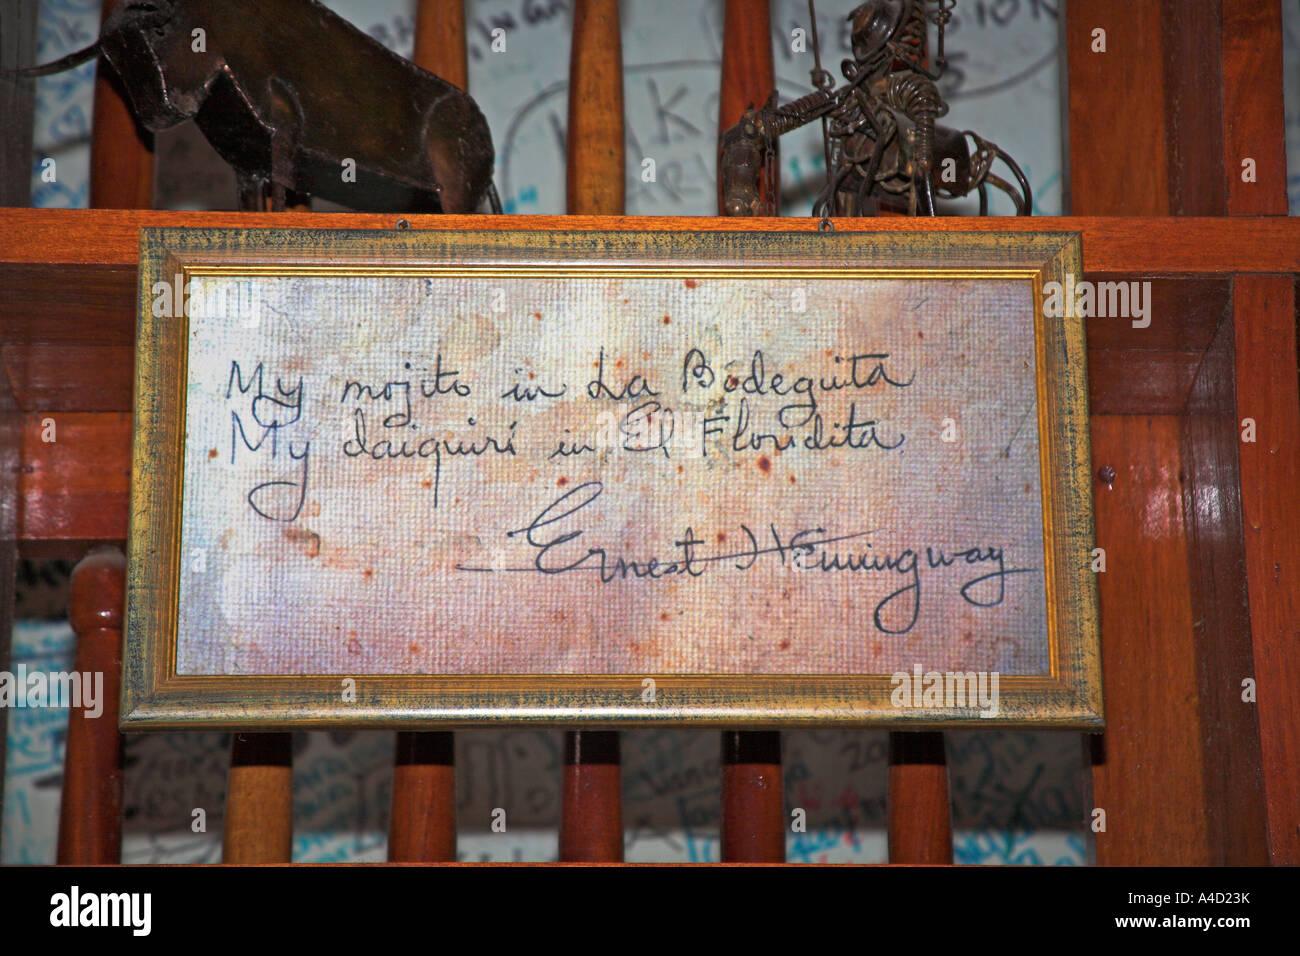 Ernest Hemingway signature in frame, La Bodeguita del Medio, Calle ...